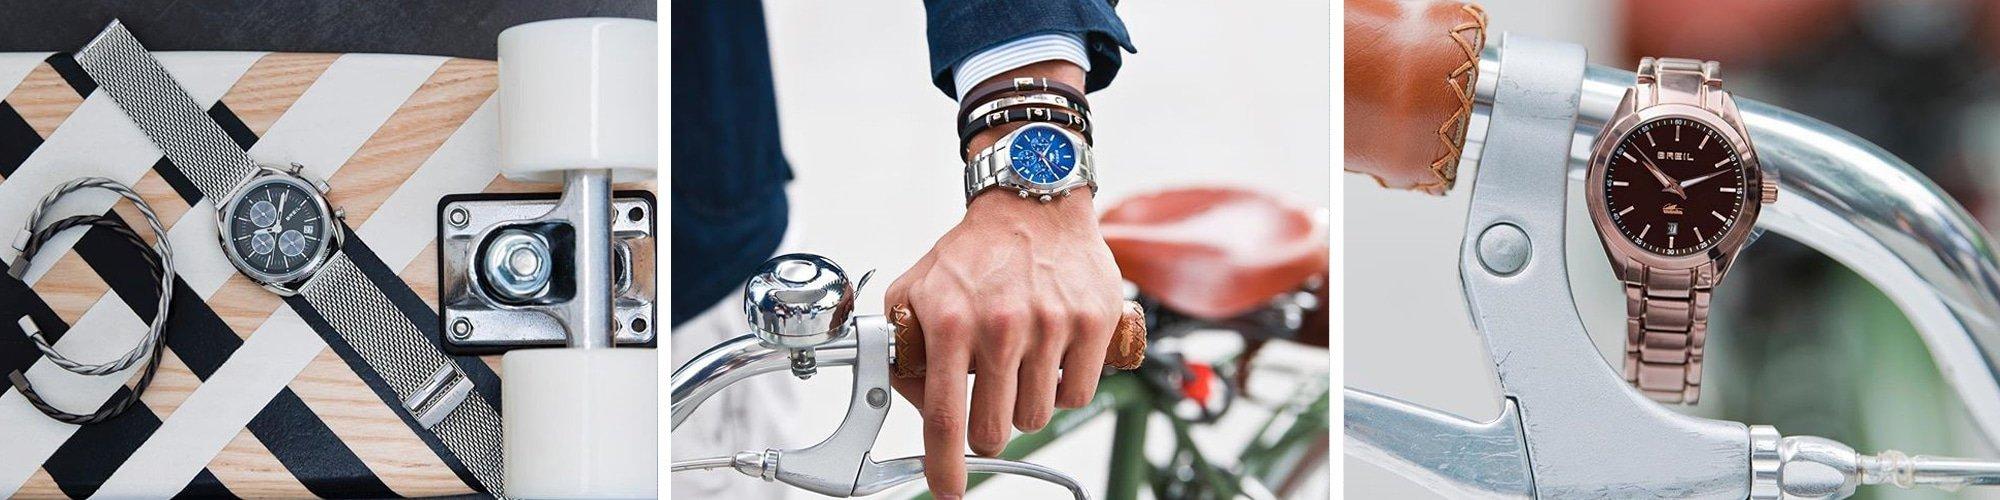 Breil Milano horloges